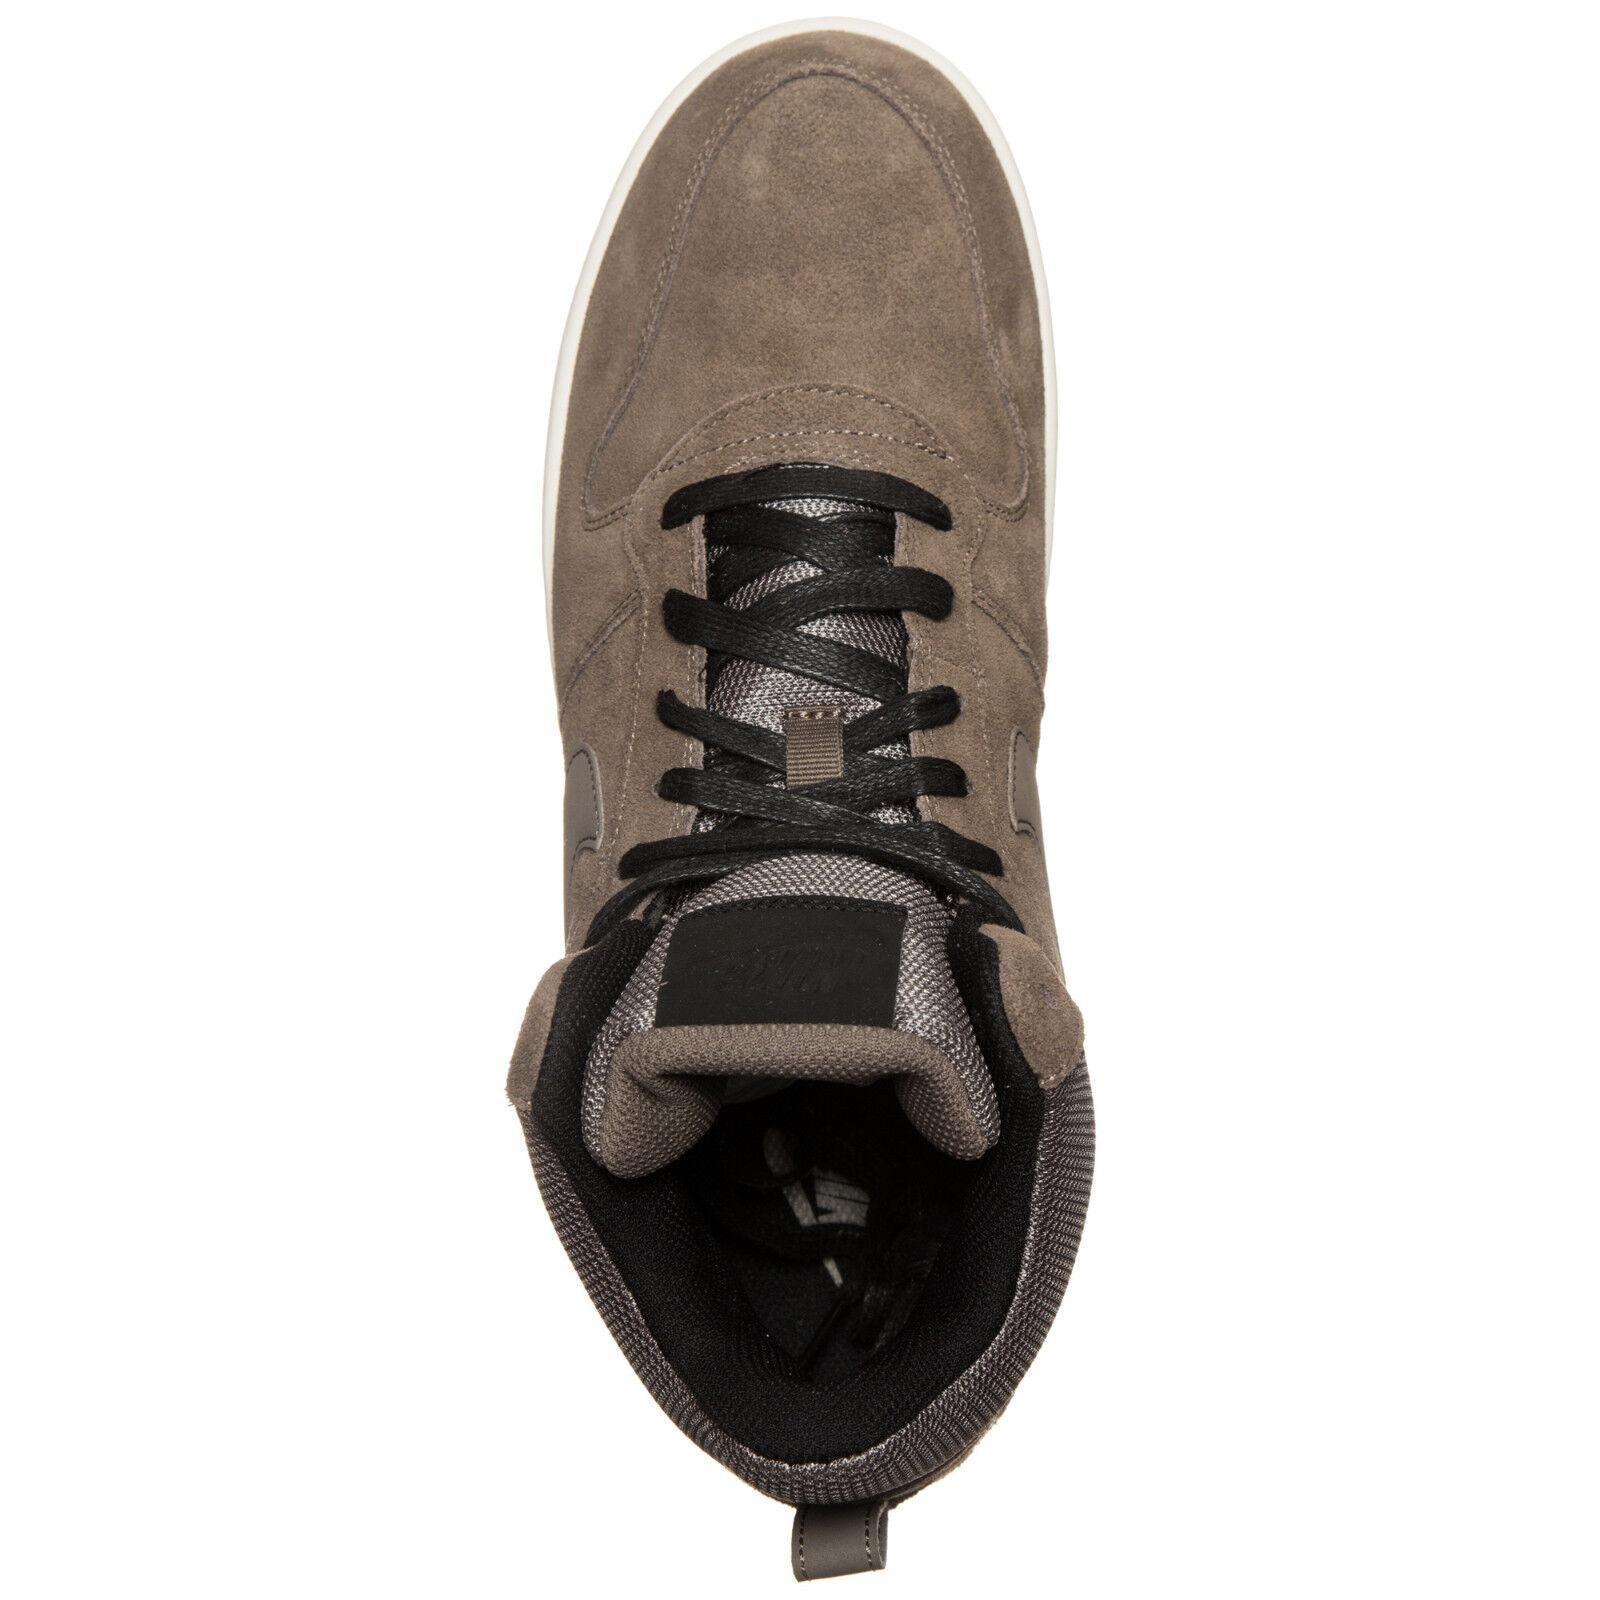 Premio nike corte borough metà uomini scarpe dimensioni fungo  44884-201 8,5 nuove dimensioni scarpe c324d8